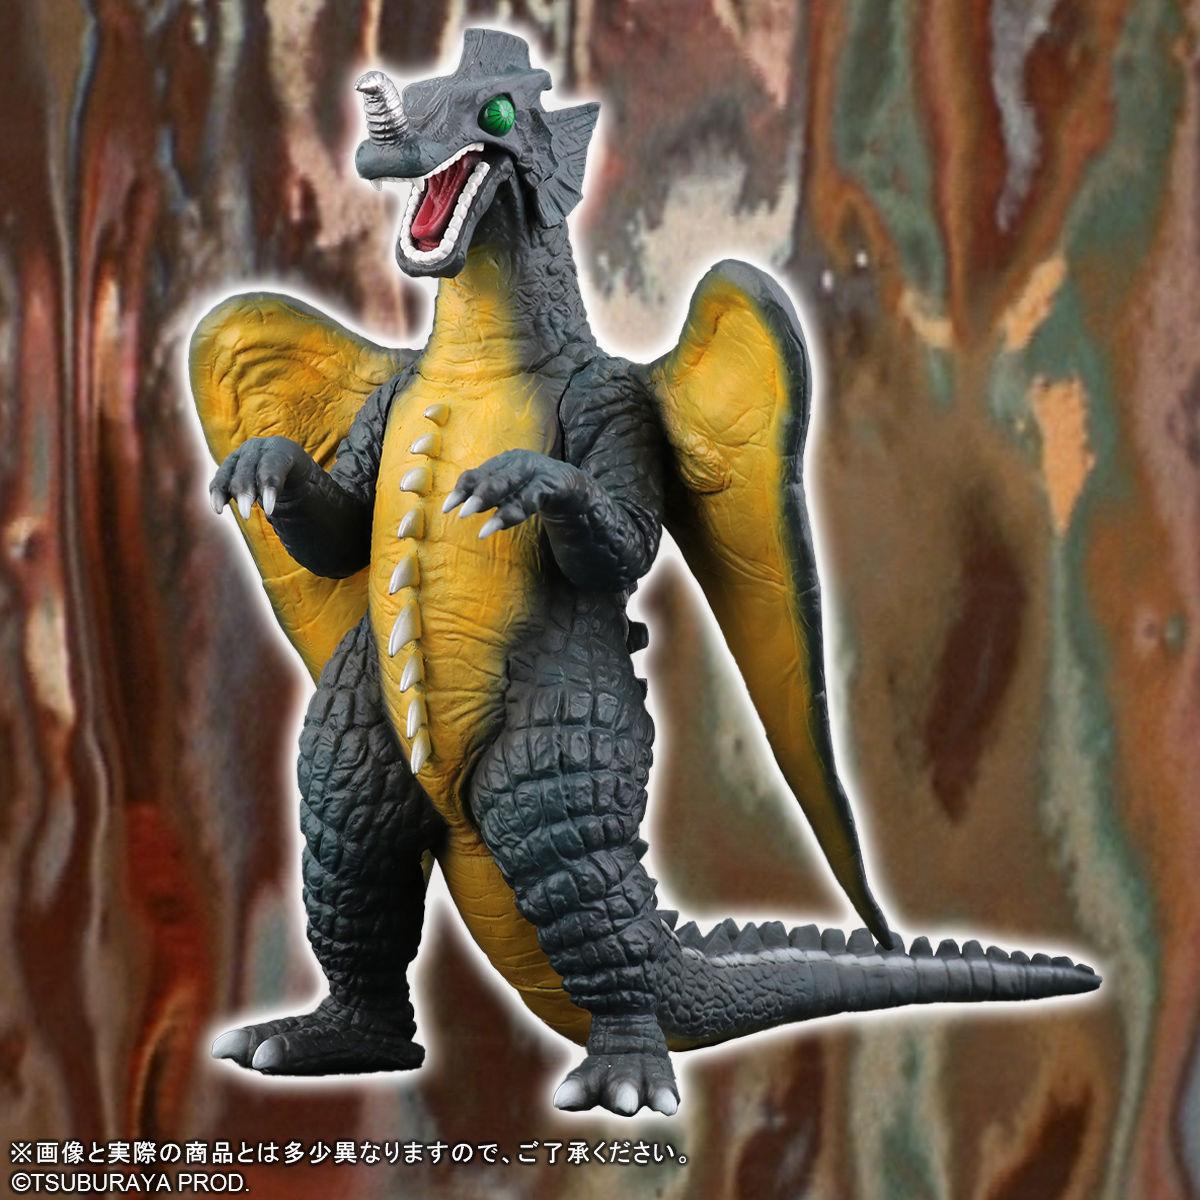 【限定販売】ウルトラ大怪獣シリーズ5000『ワイアール星人/カメレキング』完成品フィギュア-006